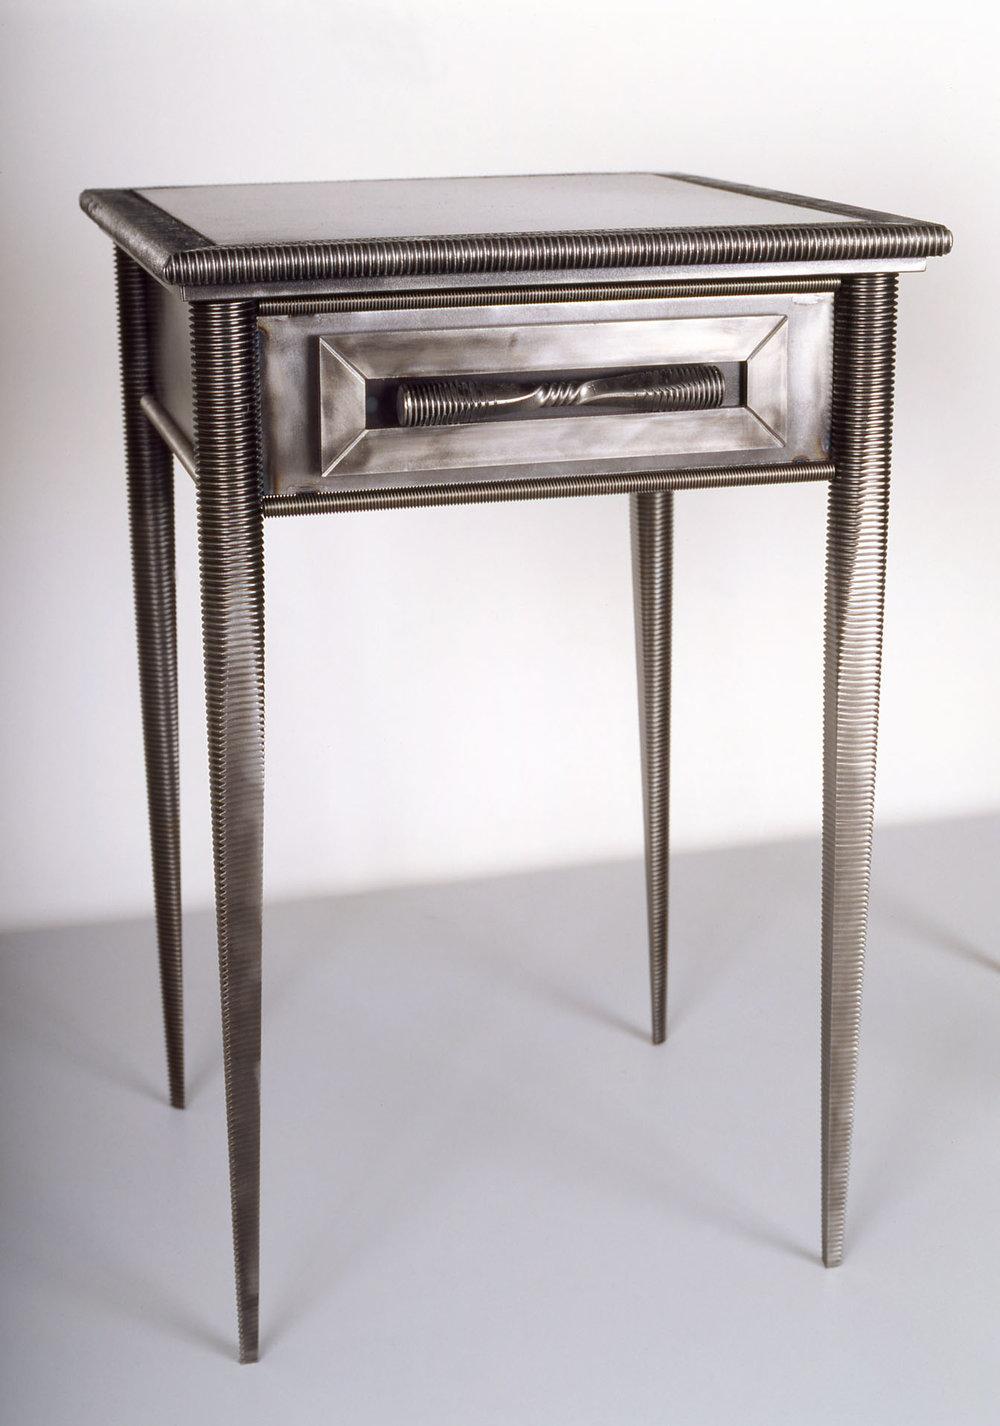 crawford-table 03.jpg